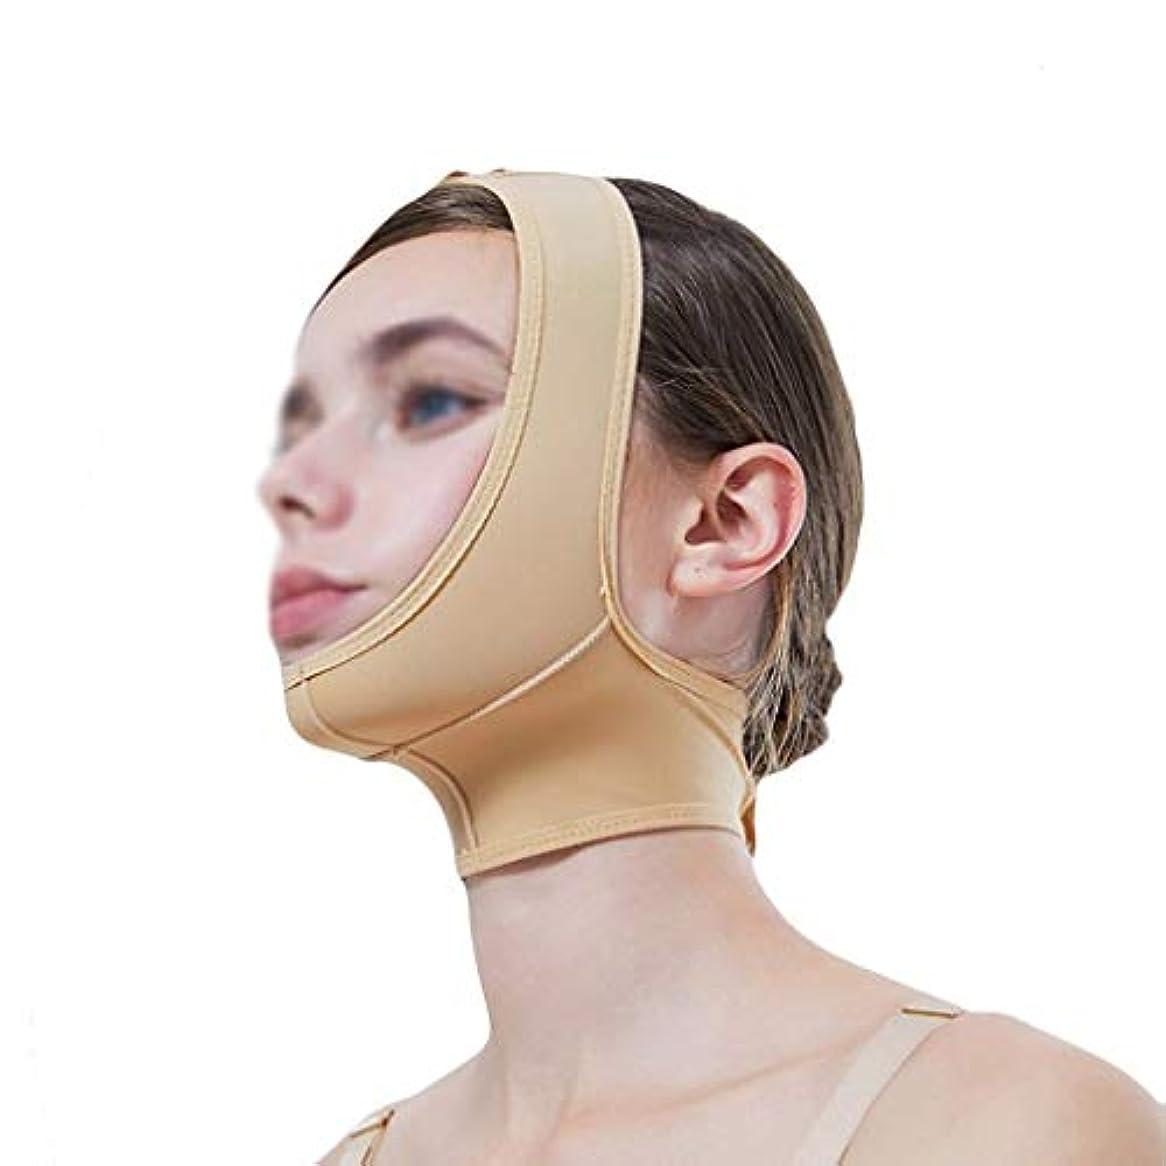 マスク、超薄型ベルト、フェイスリフティングに適し、フェイスリフティング、通気性包帯、あご取りベルト、超薄型ベルト、通気性(サイズ:XL),XL